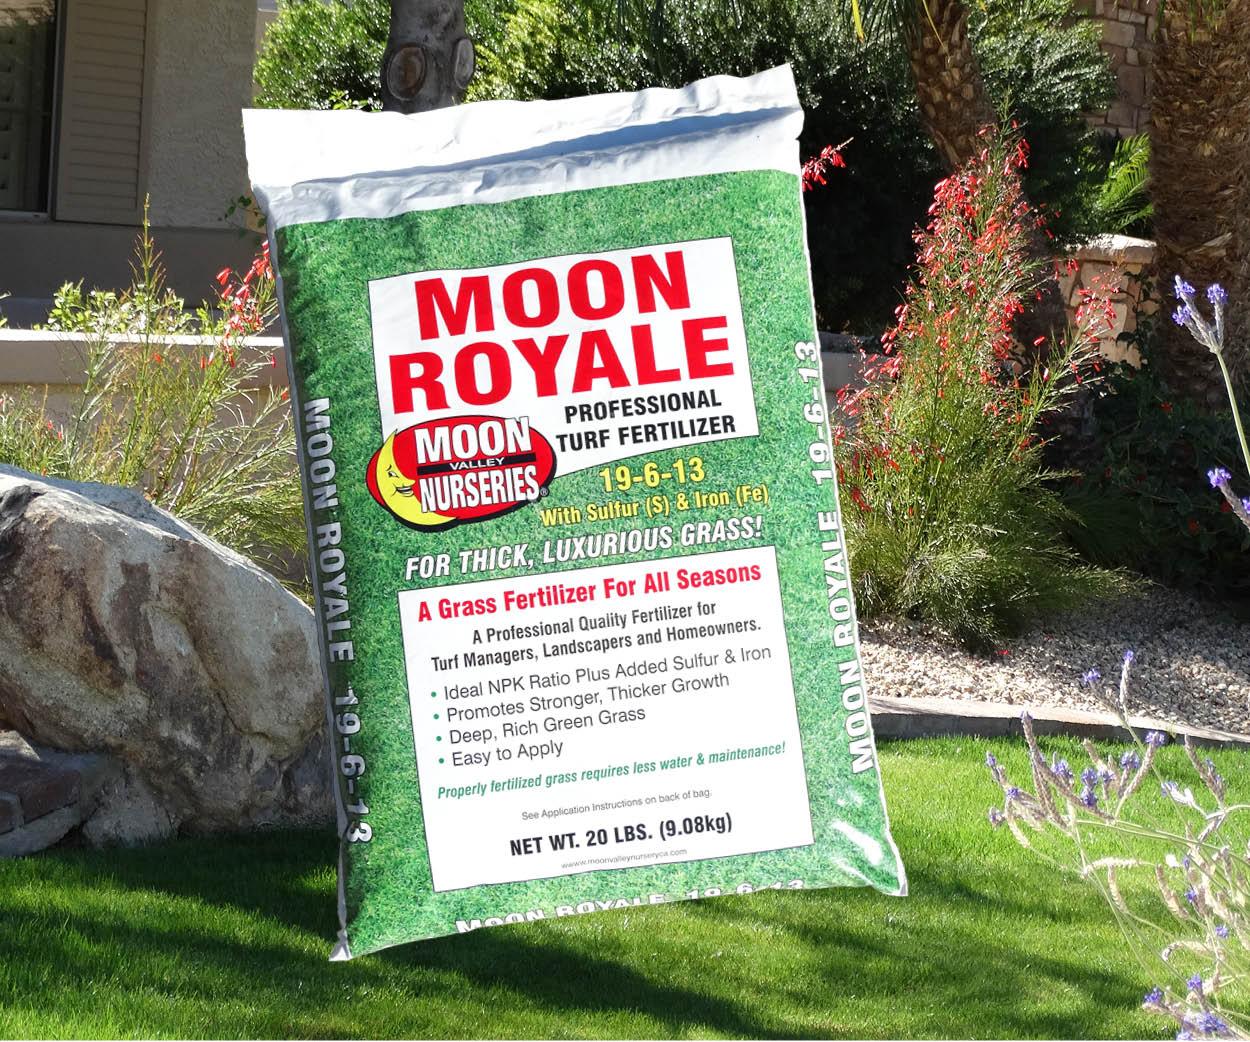 _moon_royale_